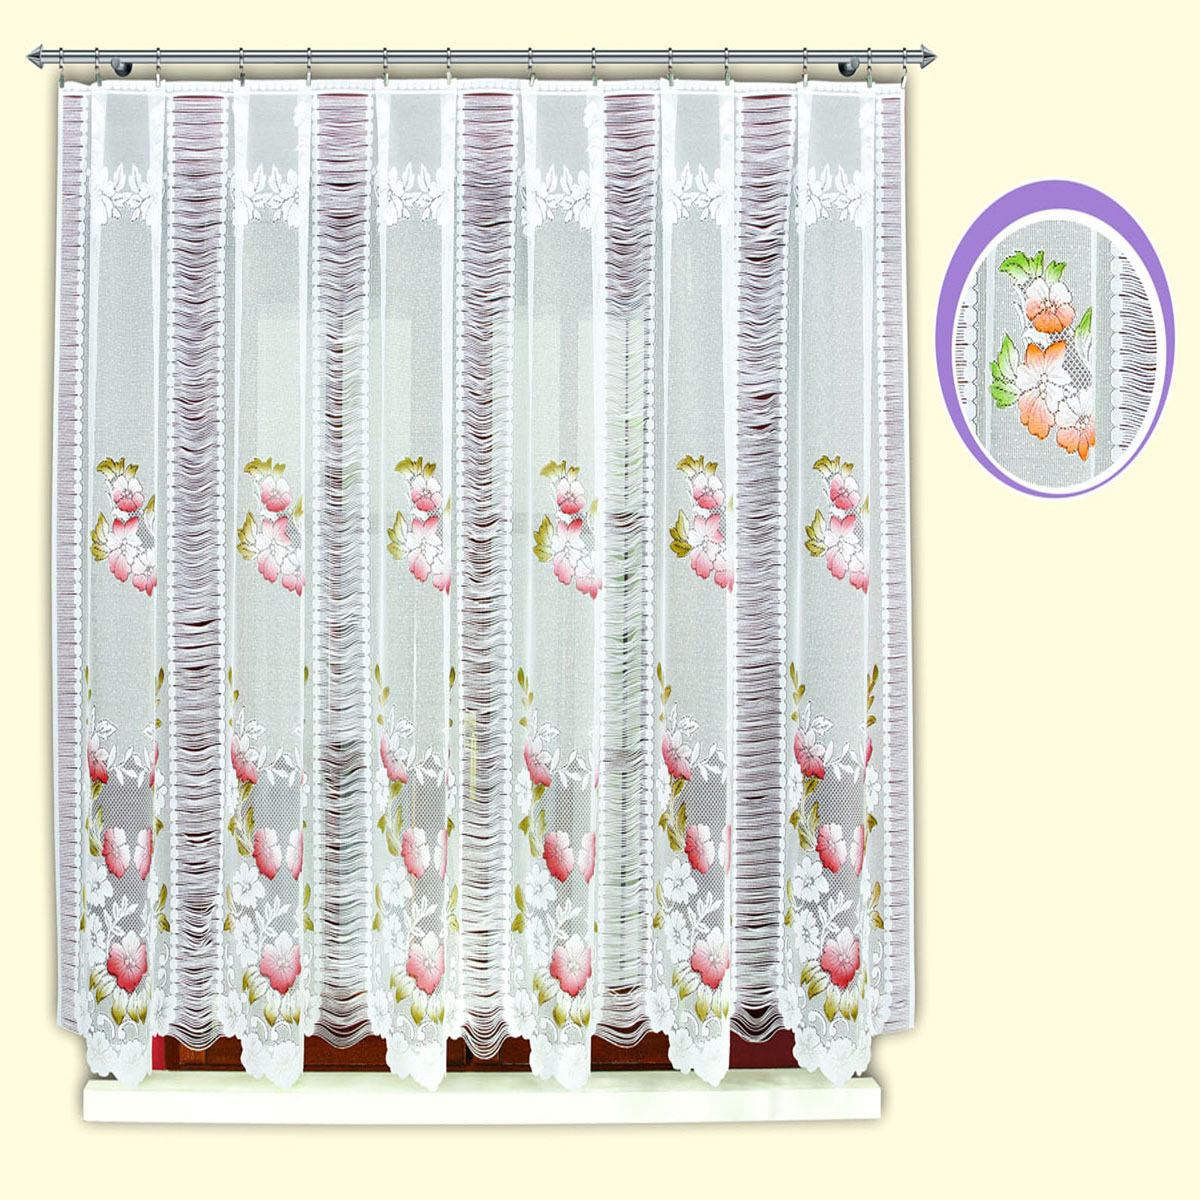 Гардина Haft, цвет: бордо, ширина 300 см, высота 150 см. 42120/15042120/150Жаккардовая гардина в кухню белого цвета с цветным рисунком бордовых цветов и нитяным чередующимся компонентомРазмеры: высота 150см*ширина 300см